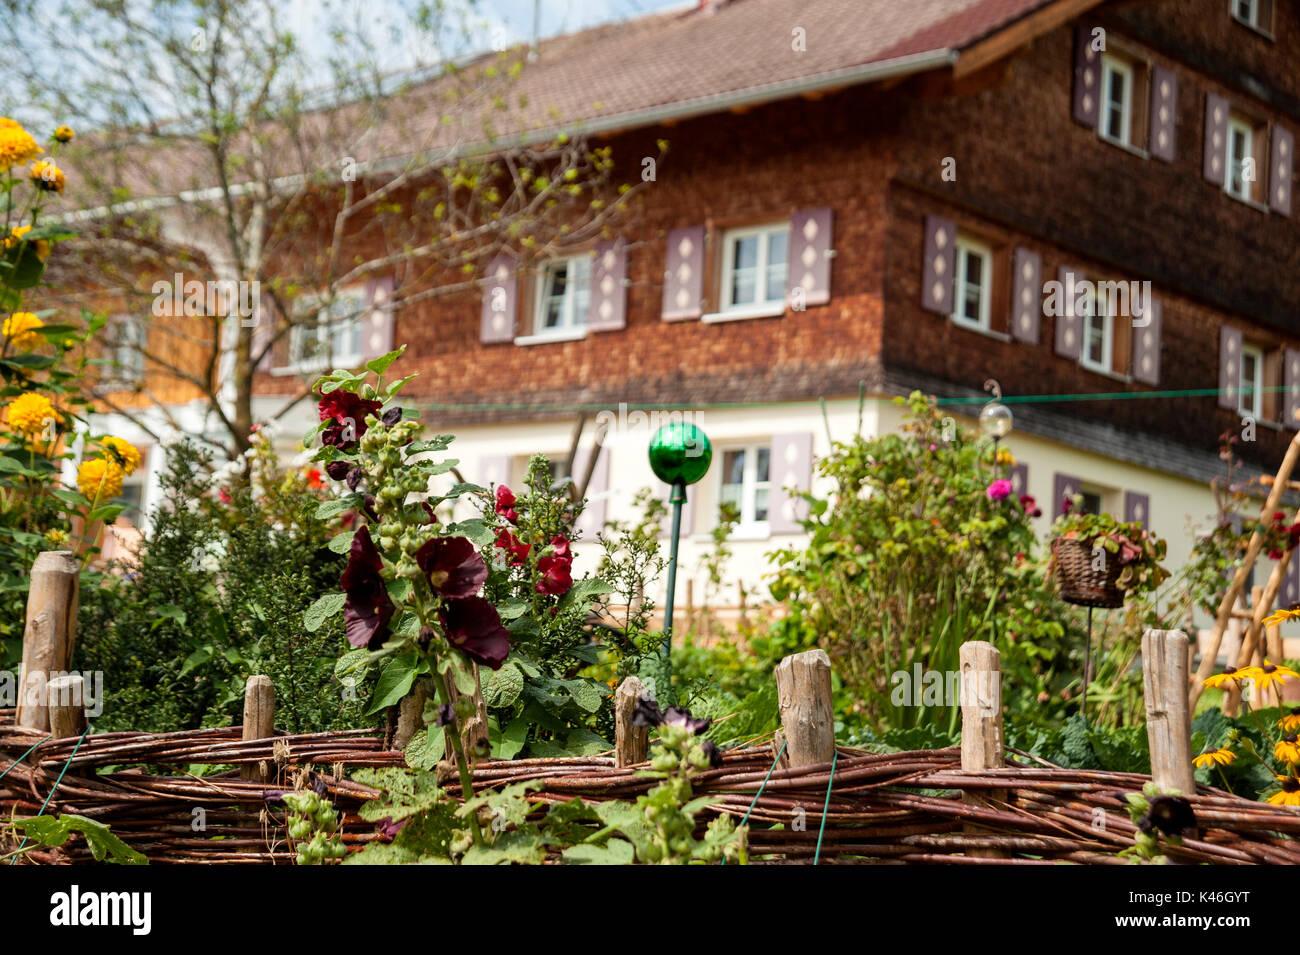 Allg u house stockfotos allg u house bilder alamy for Traditionelles deutsches haus